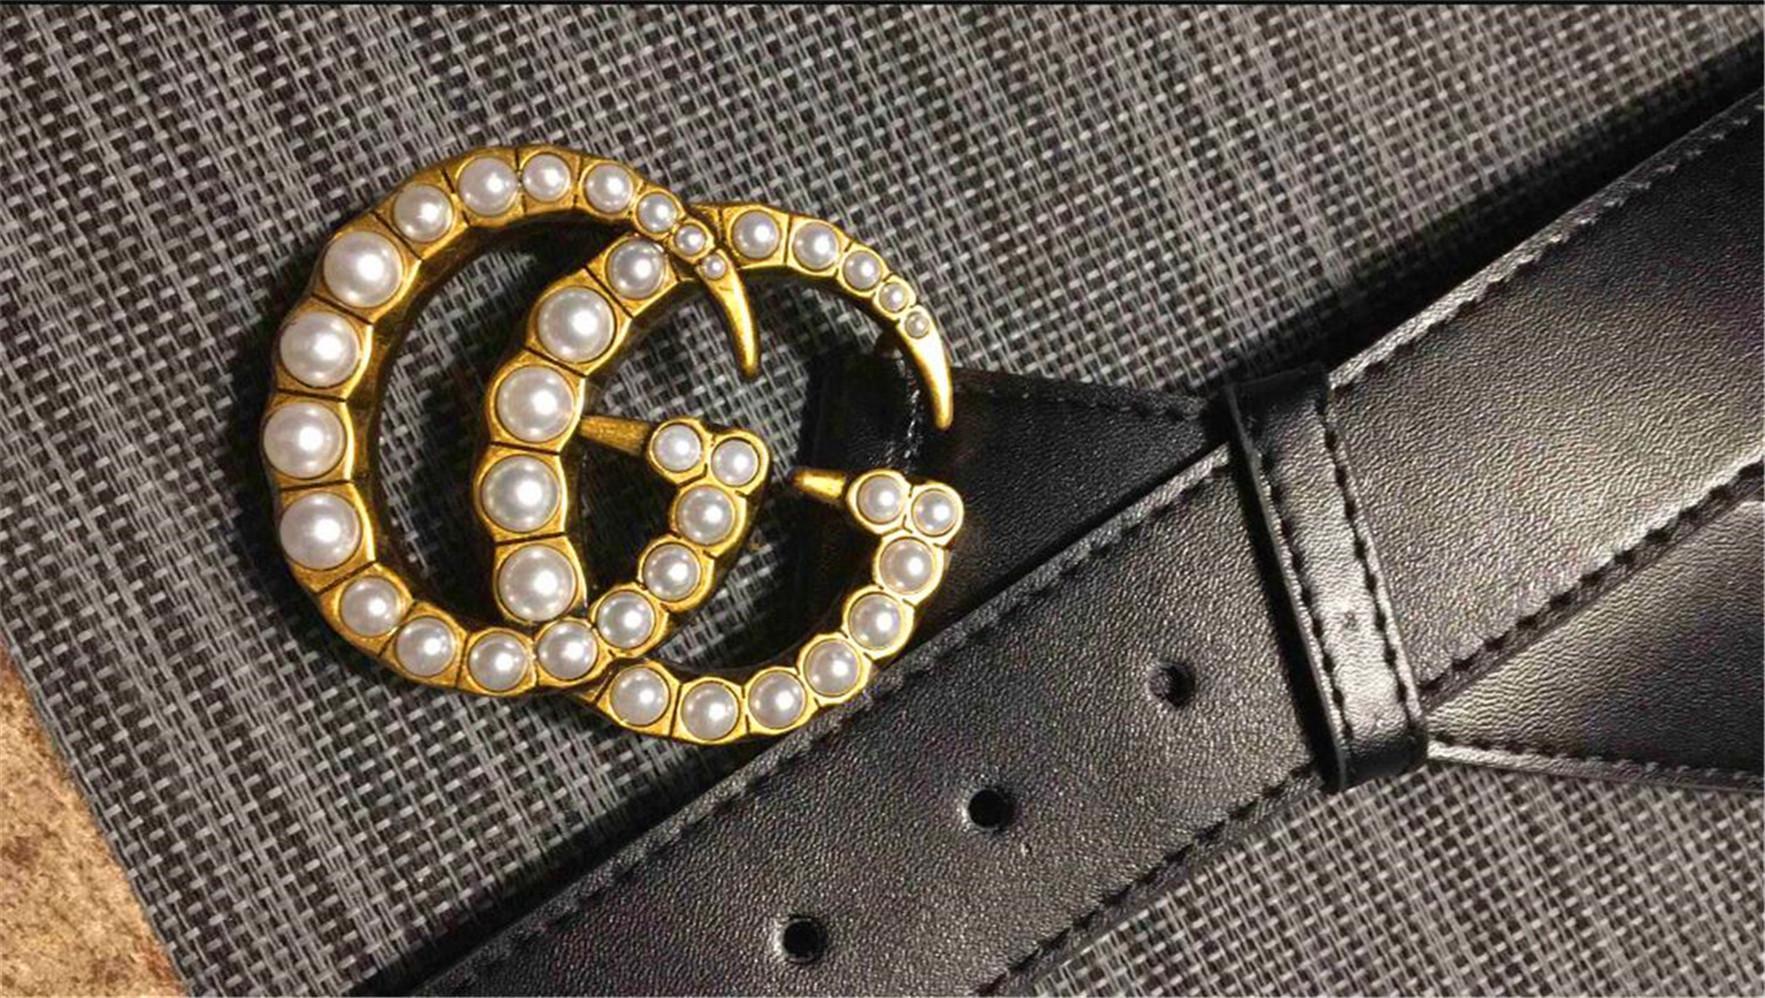 Горячих продажи новой Моды Бизнес Ceinture G стиль ремень дизайн мужского женская Рий G пряжка с черным не с коробкой в качестве подарка 8AC7B